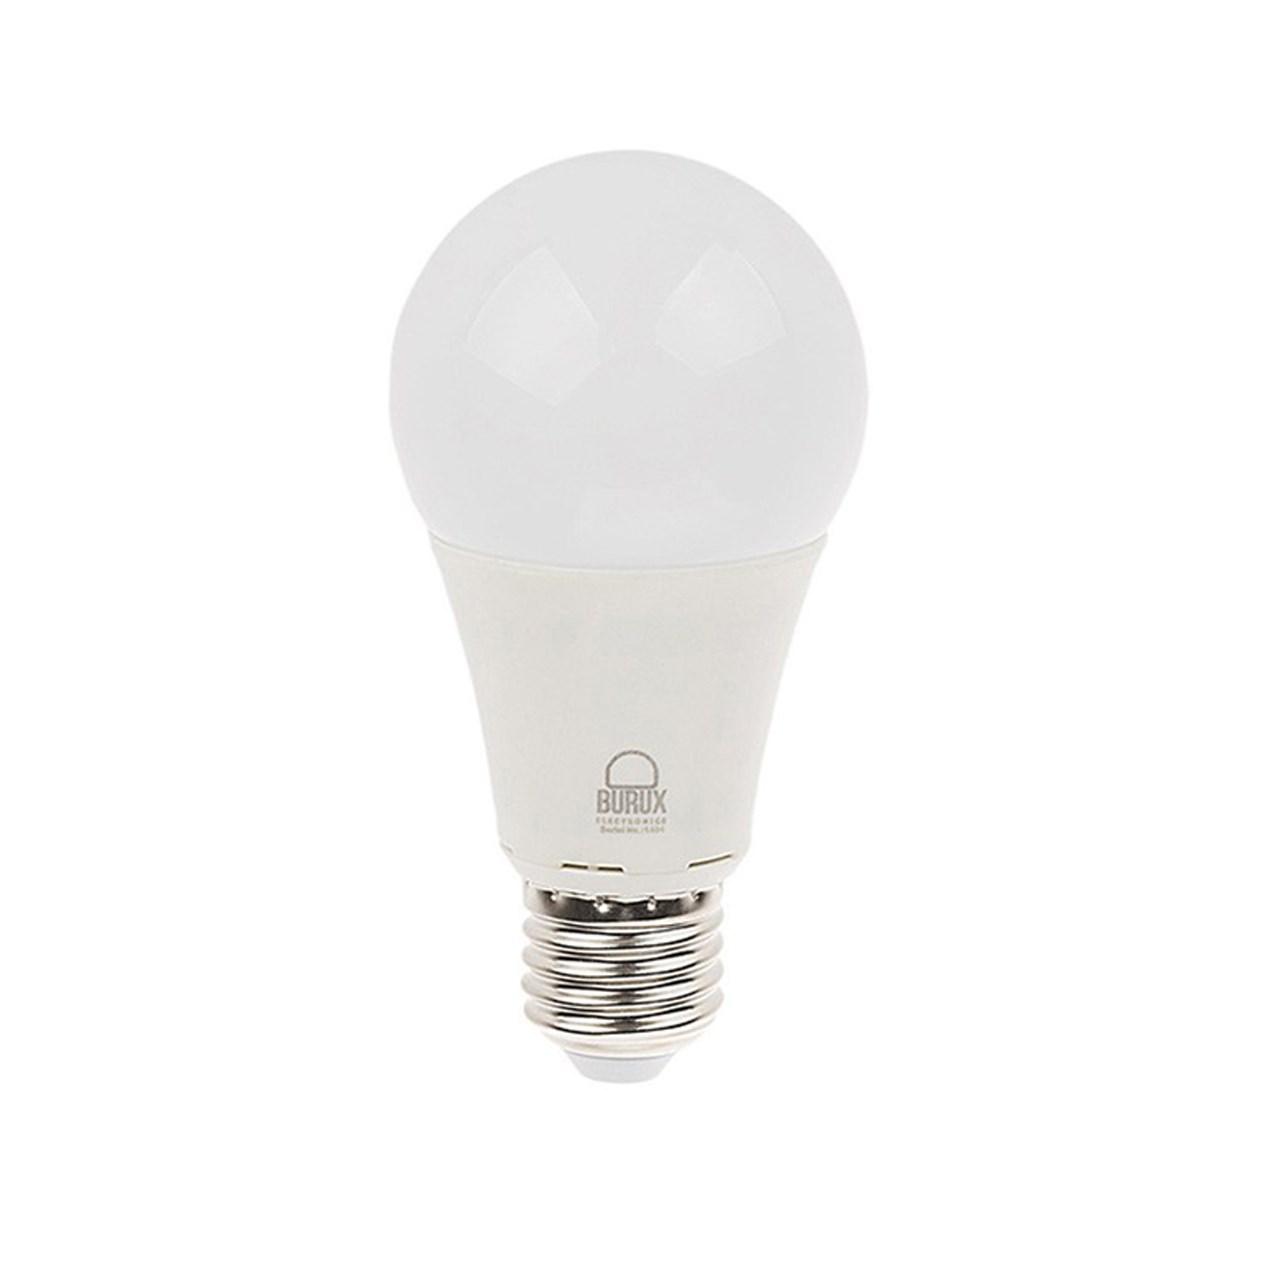 لامپ ال ای دی 10 وات بروکس پایه E27